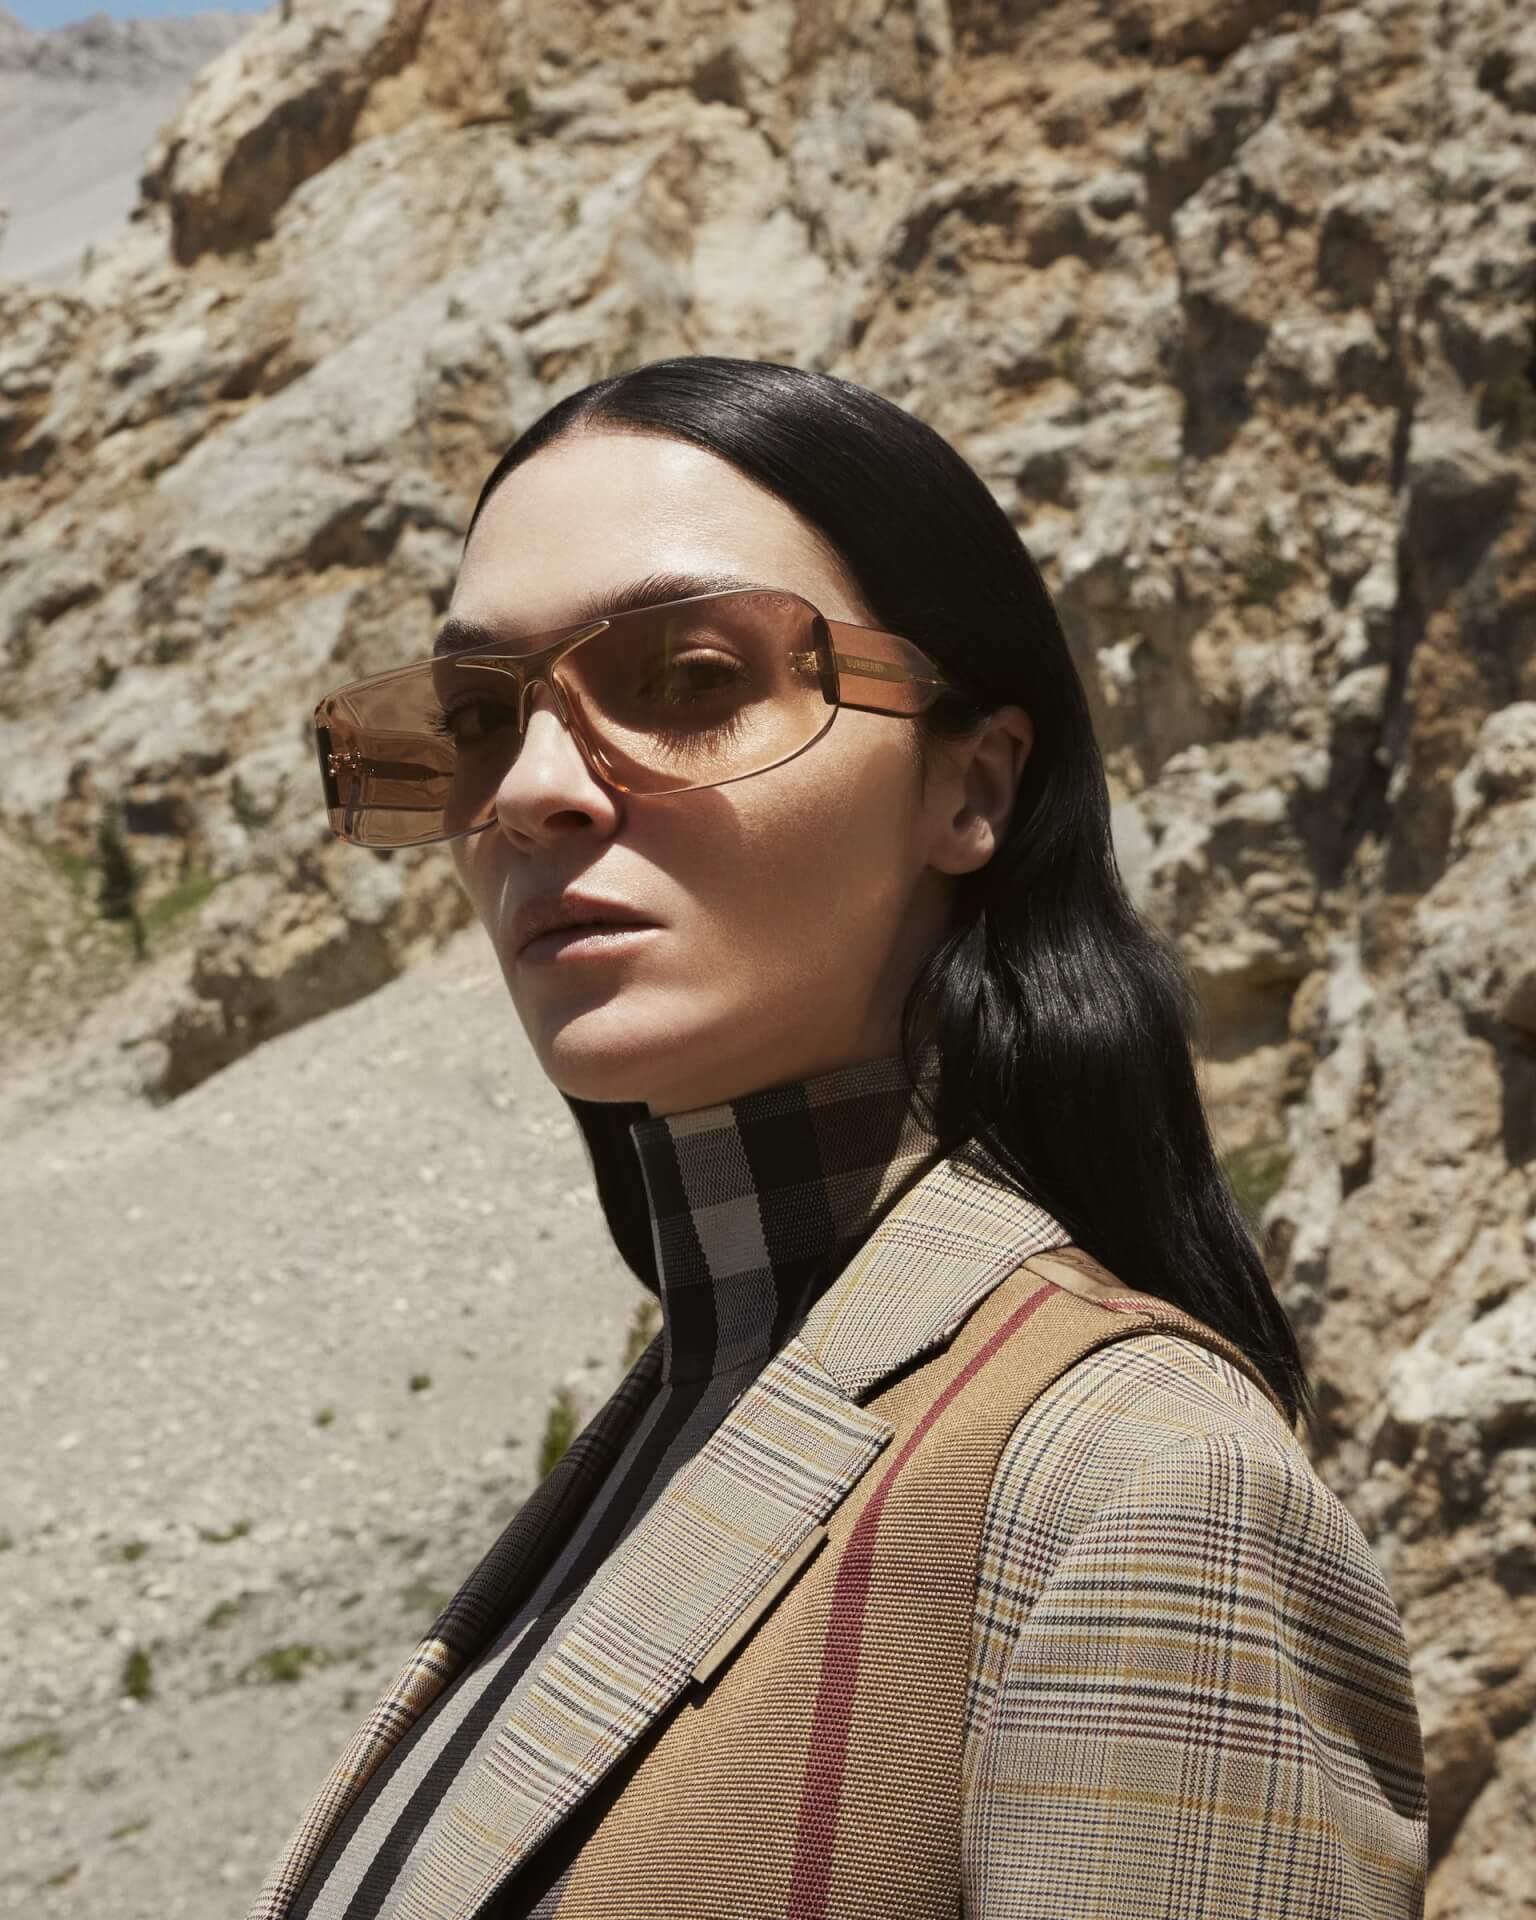 バーバリー2020年秋冬コレクションのキャンペーンが公開!マリアカルラ・ボスコーノやモナ・トゥガードらを起用 fashion2020924-Burberry6